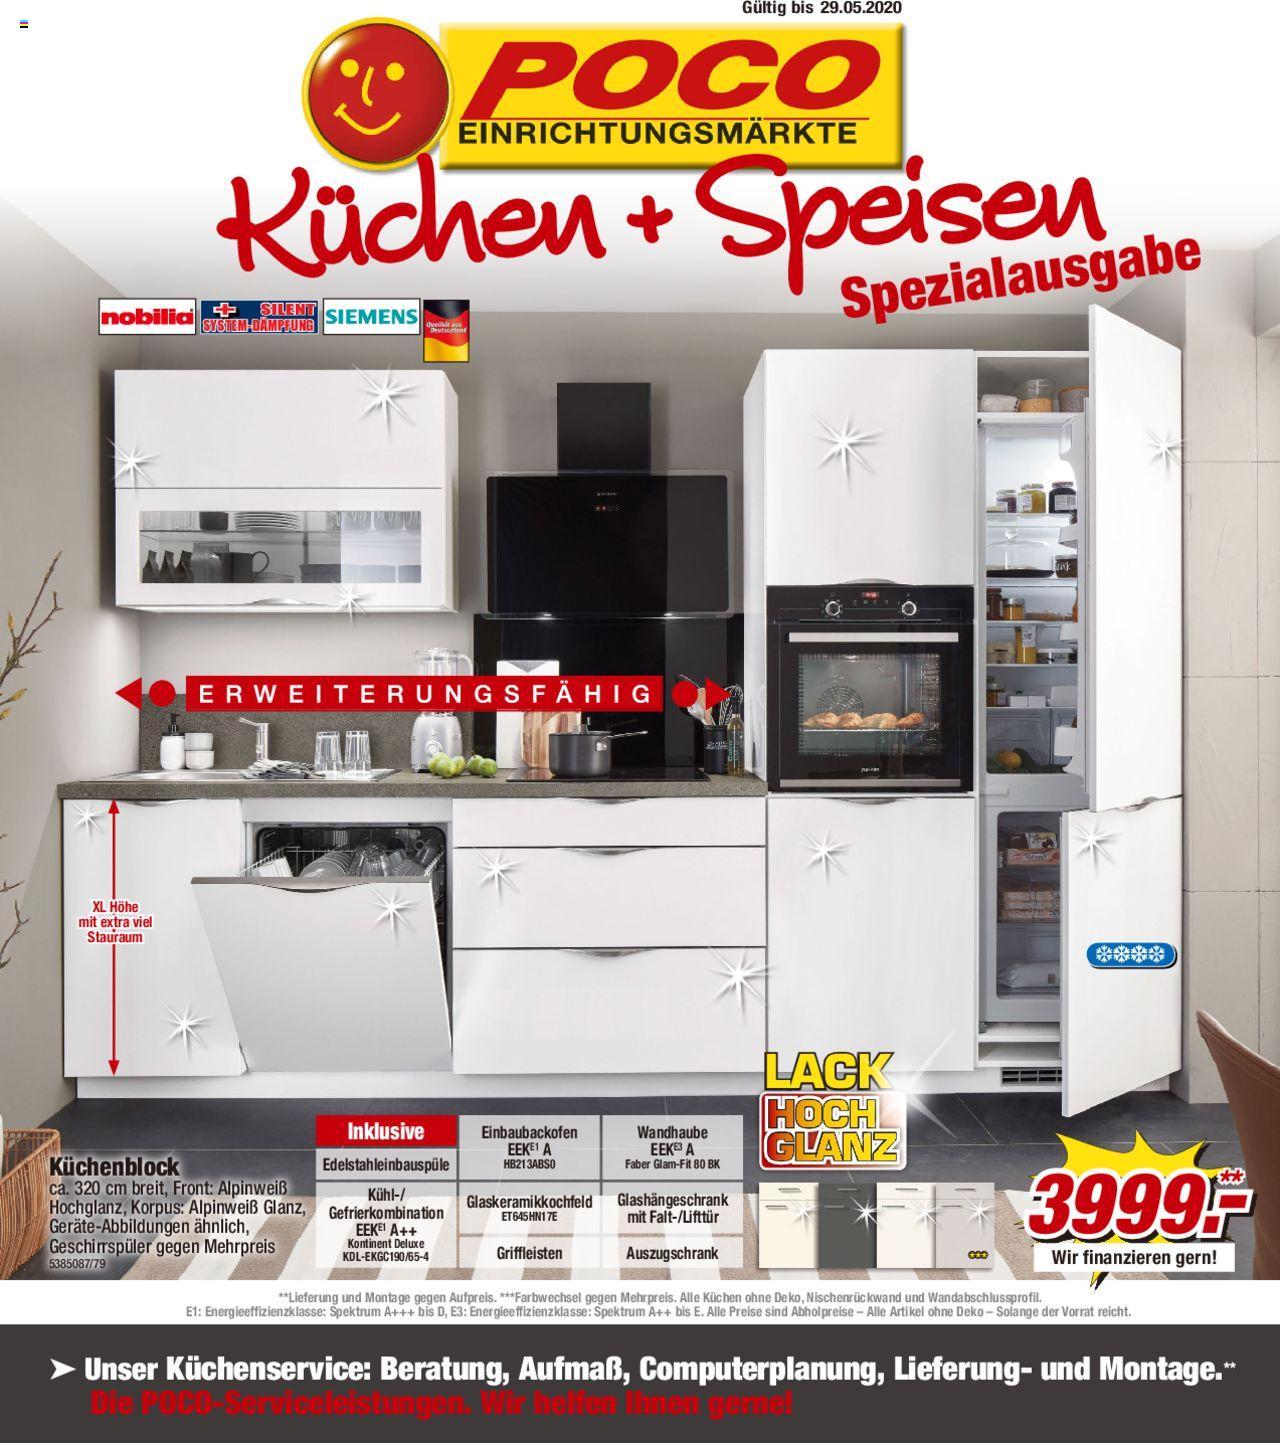 Full Size of Poco Küchen Kchen Speisen 08022020 29052020 Schlafzimmer Komplett Big Sofa Betten Regal Bett Küche 140x200 Wohnzimmer Poco Küchen